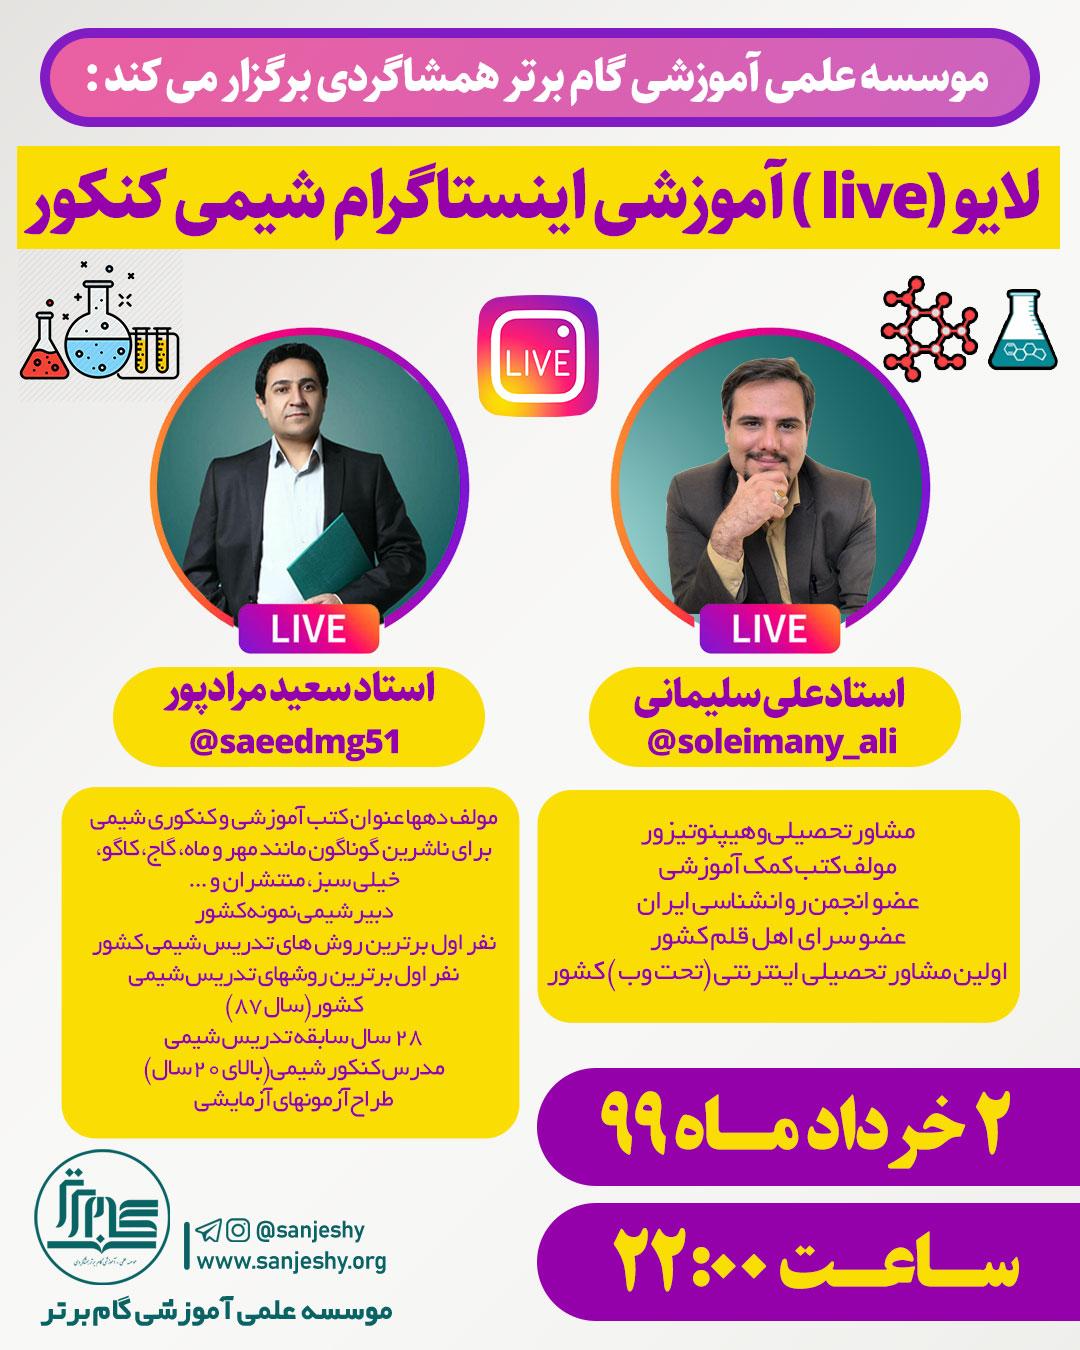 Live تصویری مشترک اینستاگرام استاد سعید مرادپور و استاد علی سلیمانی